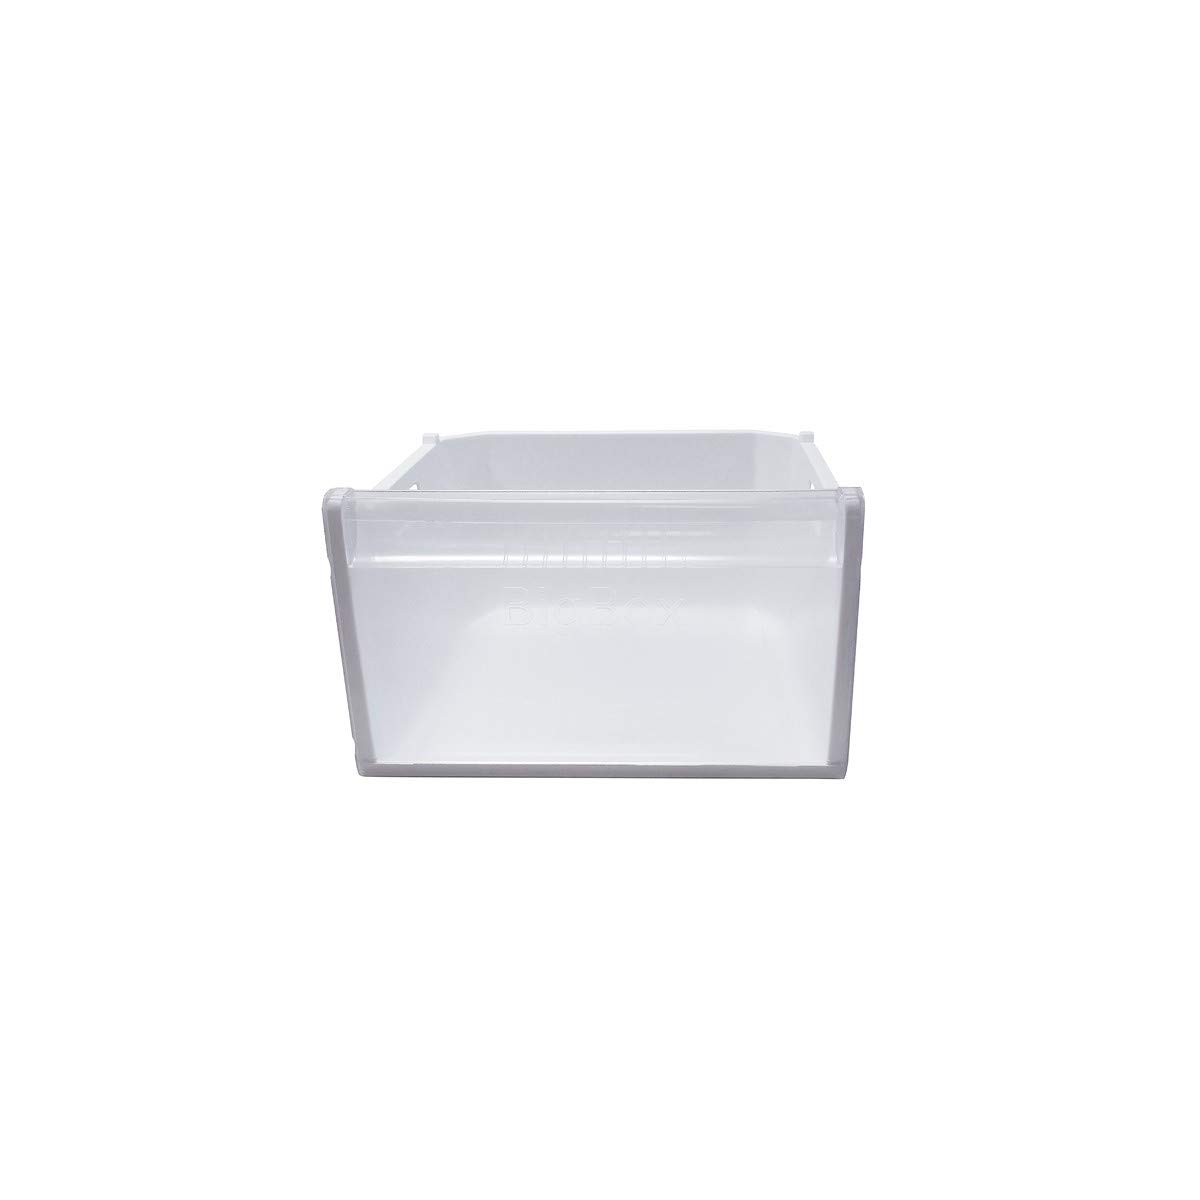 Recamania Cajón congelador Siemens 4772205: Amazon.es